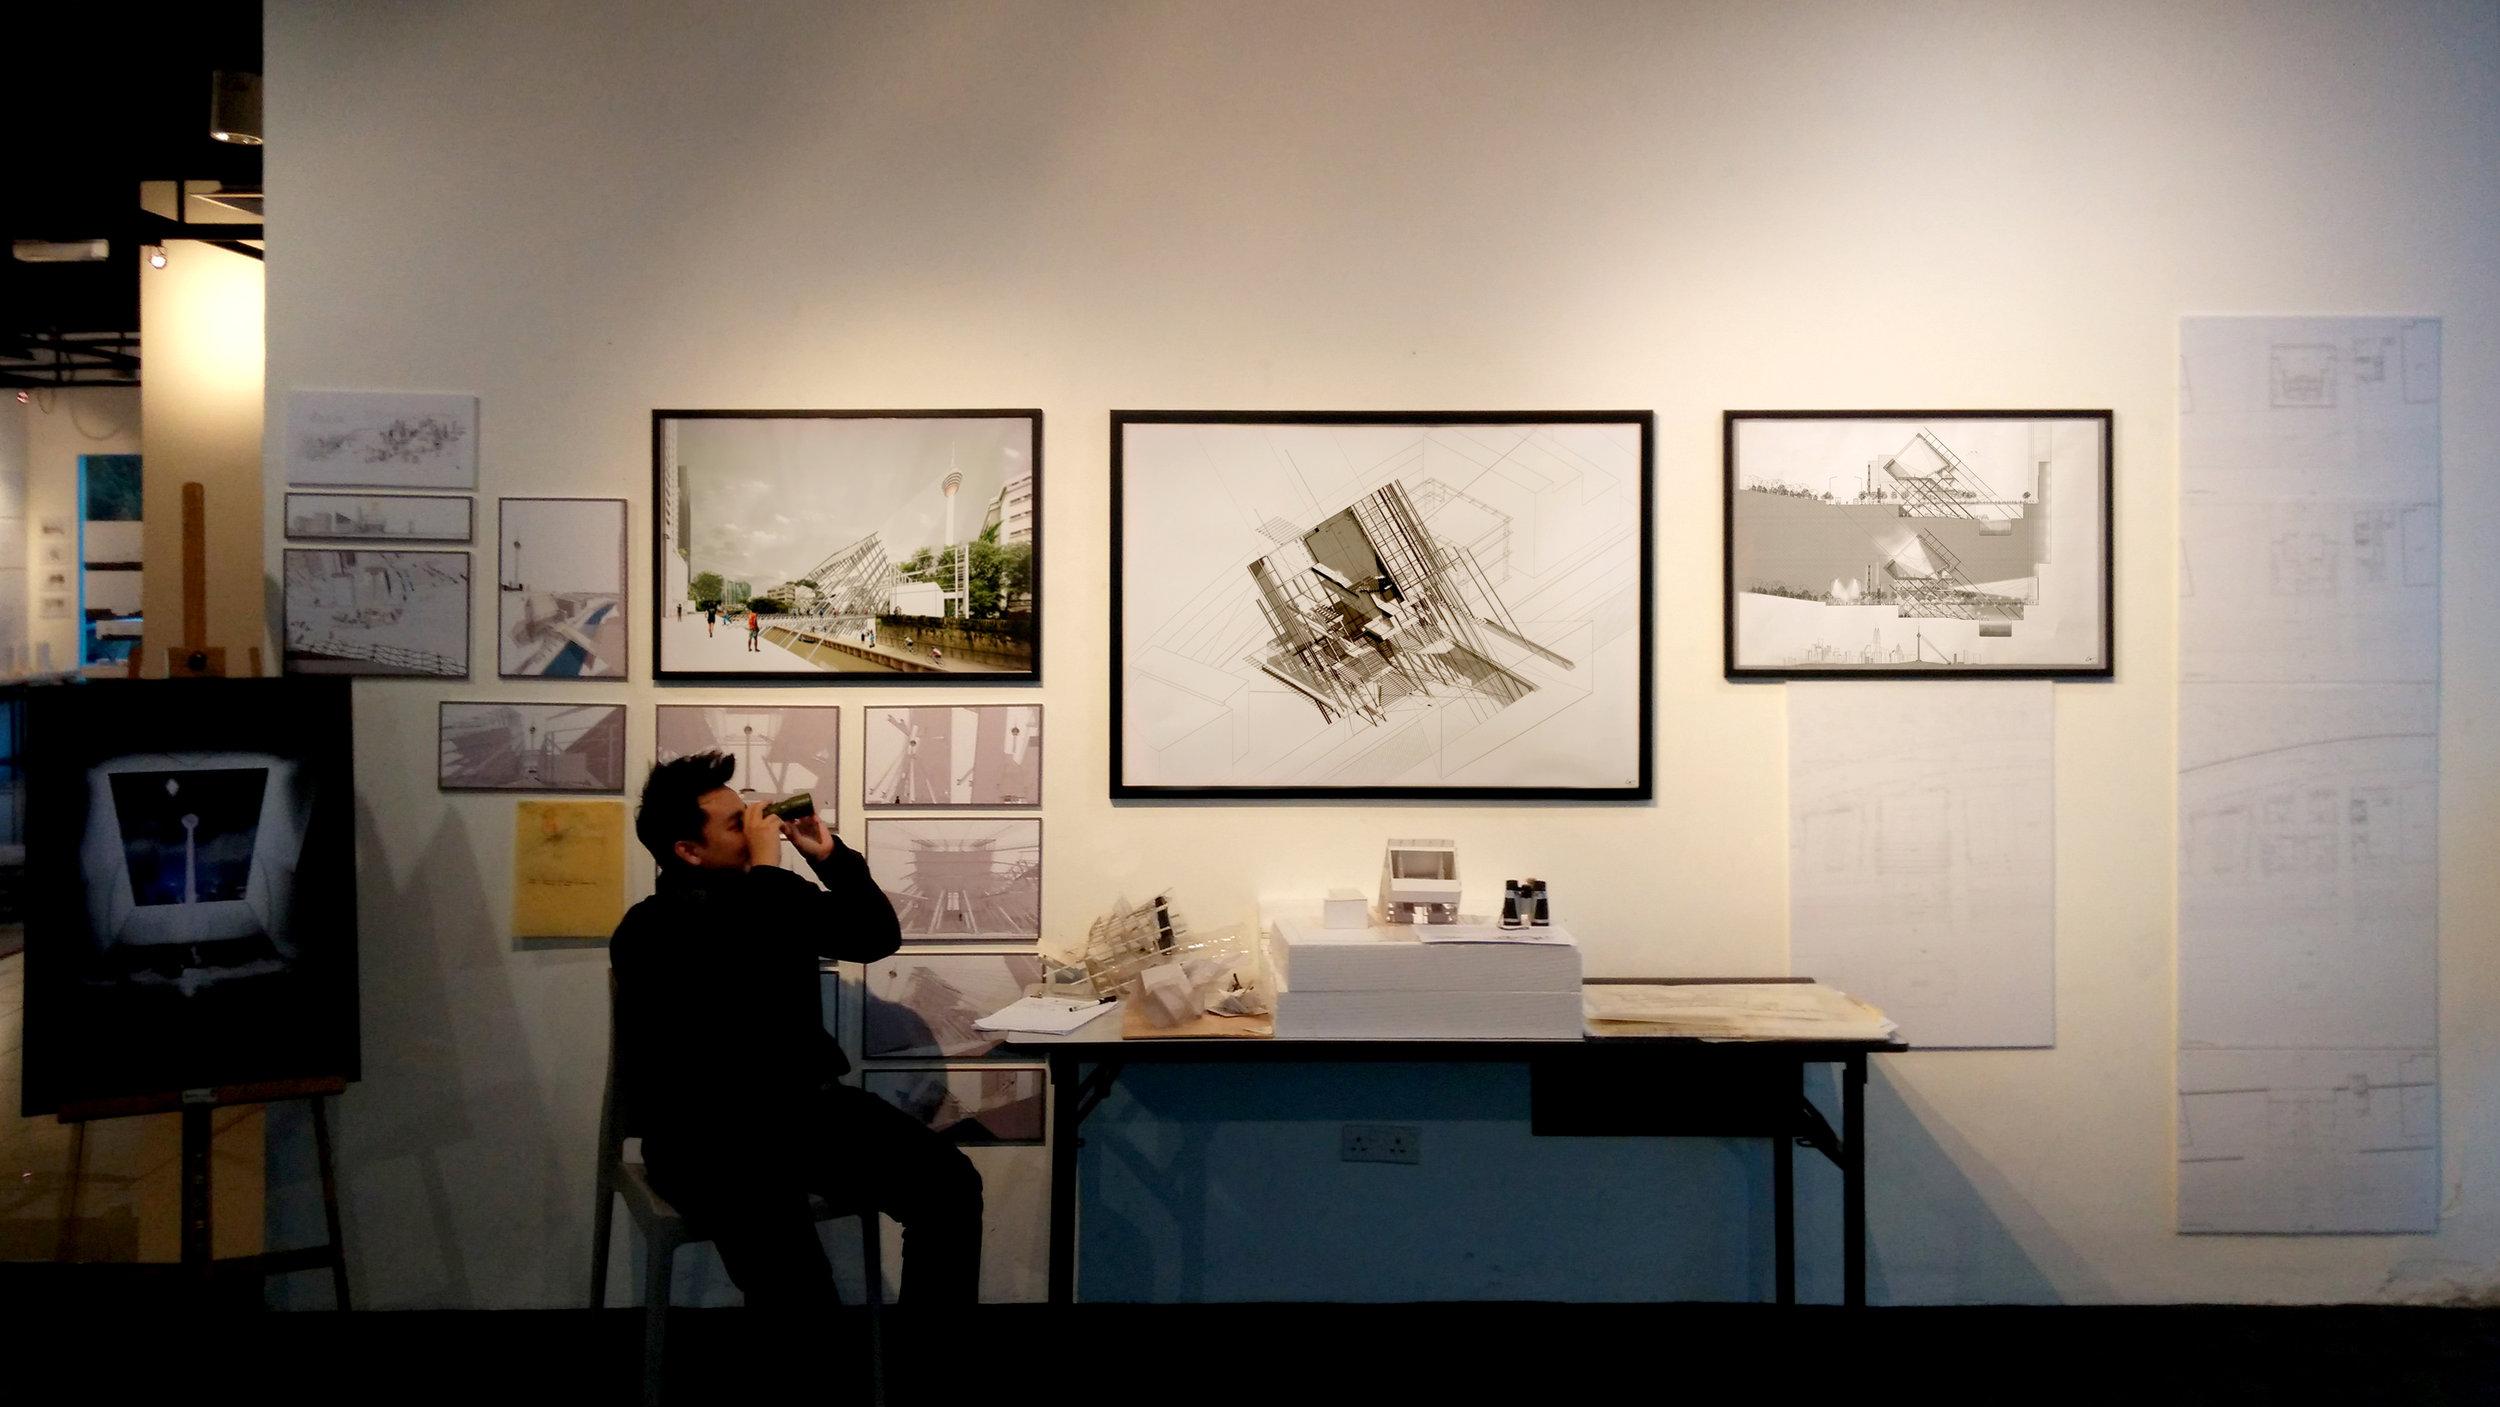 二零一五年建築展覽會